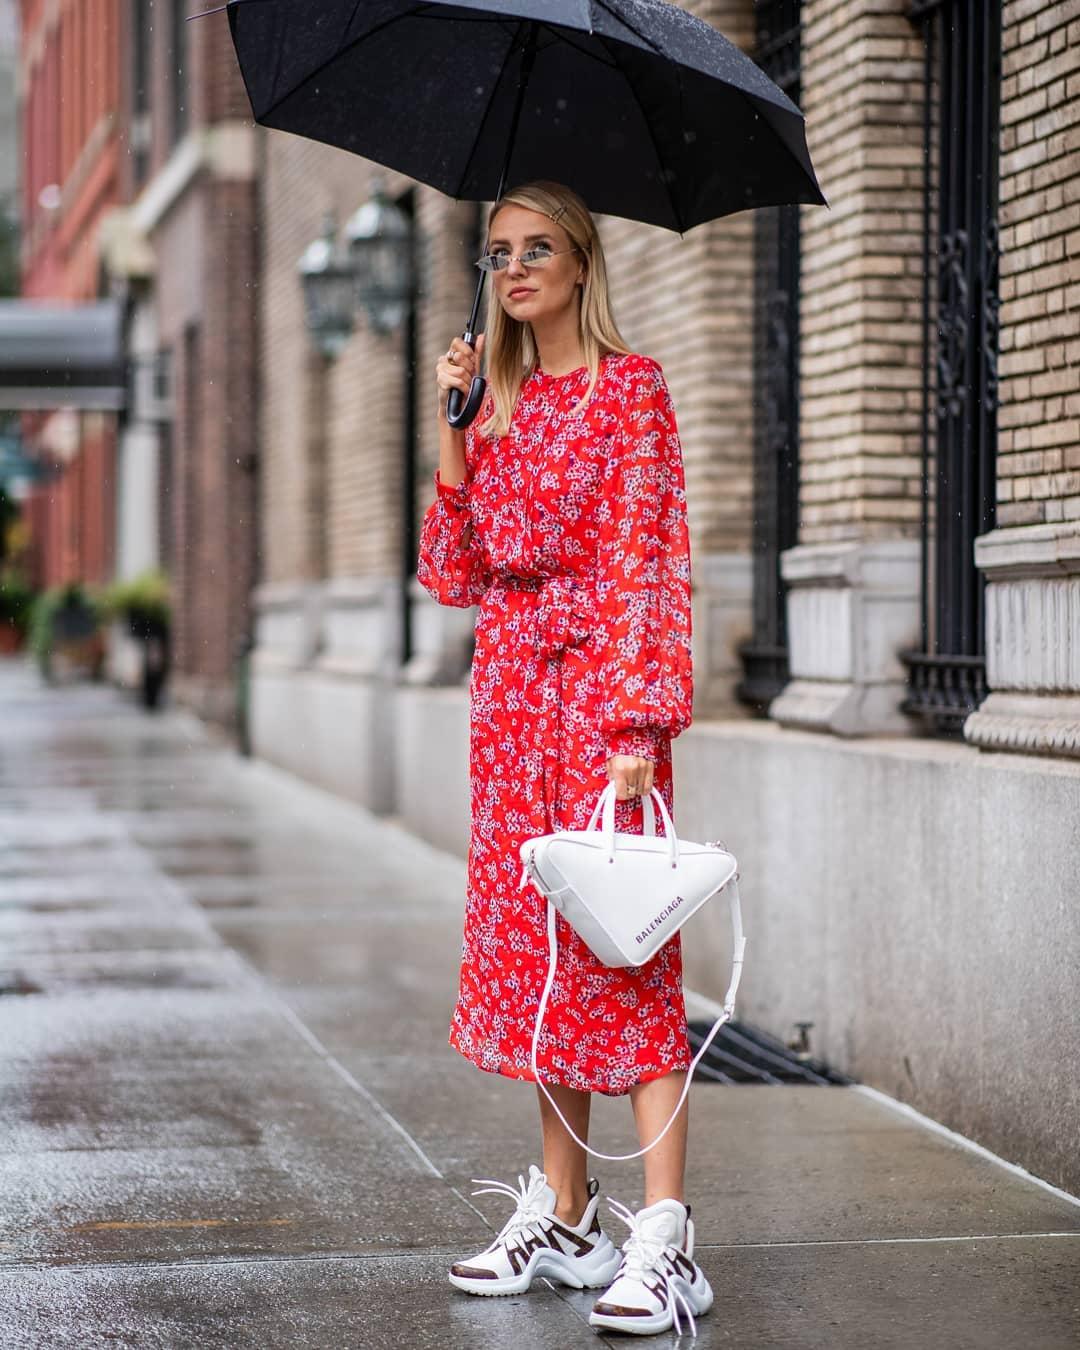 Phụ kiện đơn giản kết hợp cùng trang phục tông đỏ